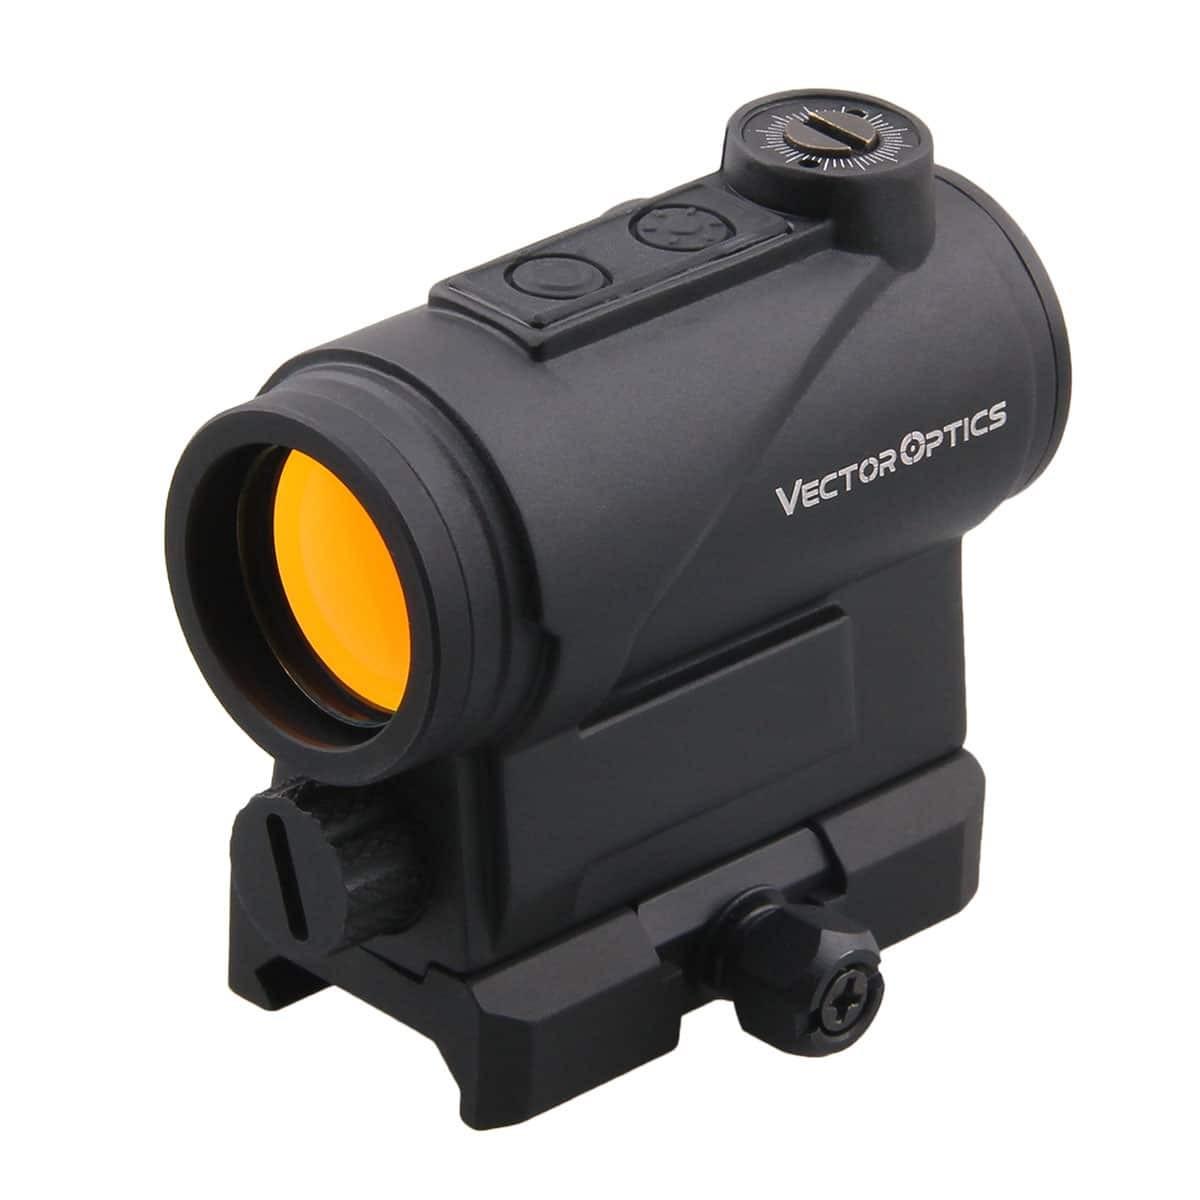 Centurion 1x20 Red Dot Sight